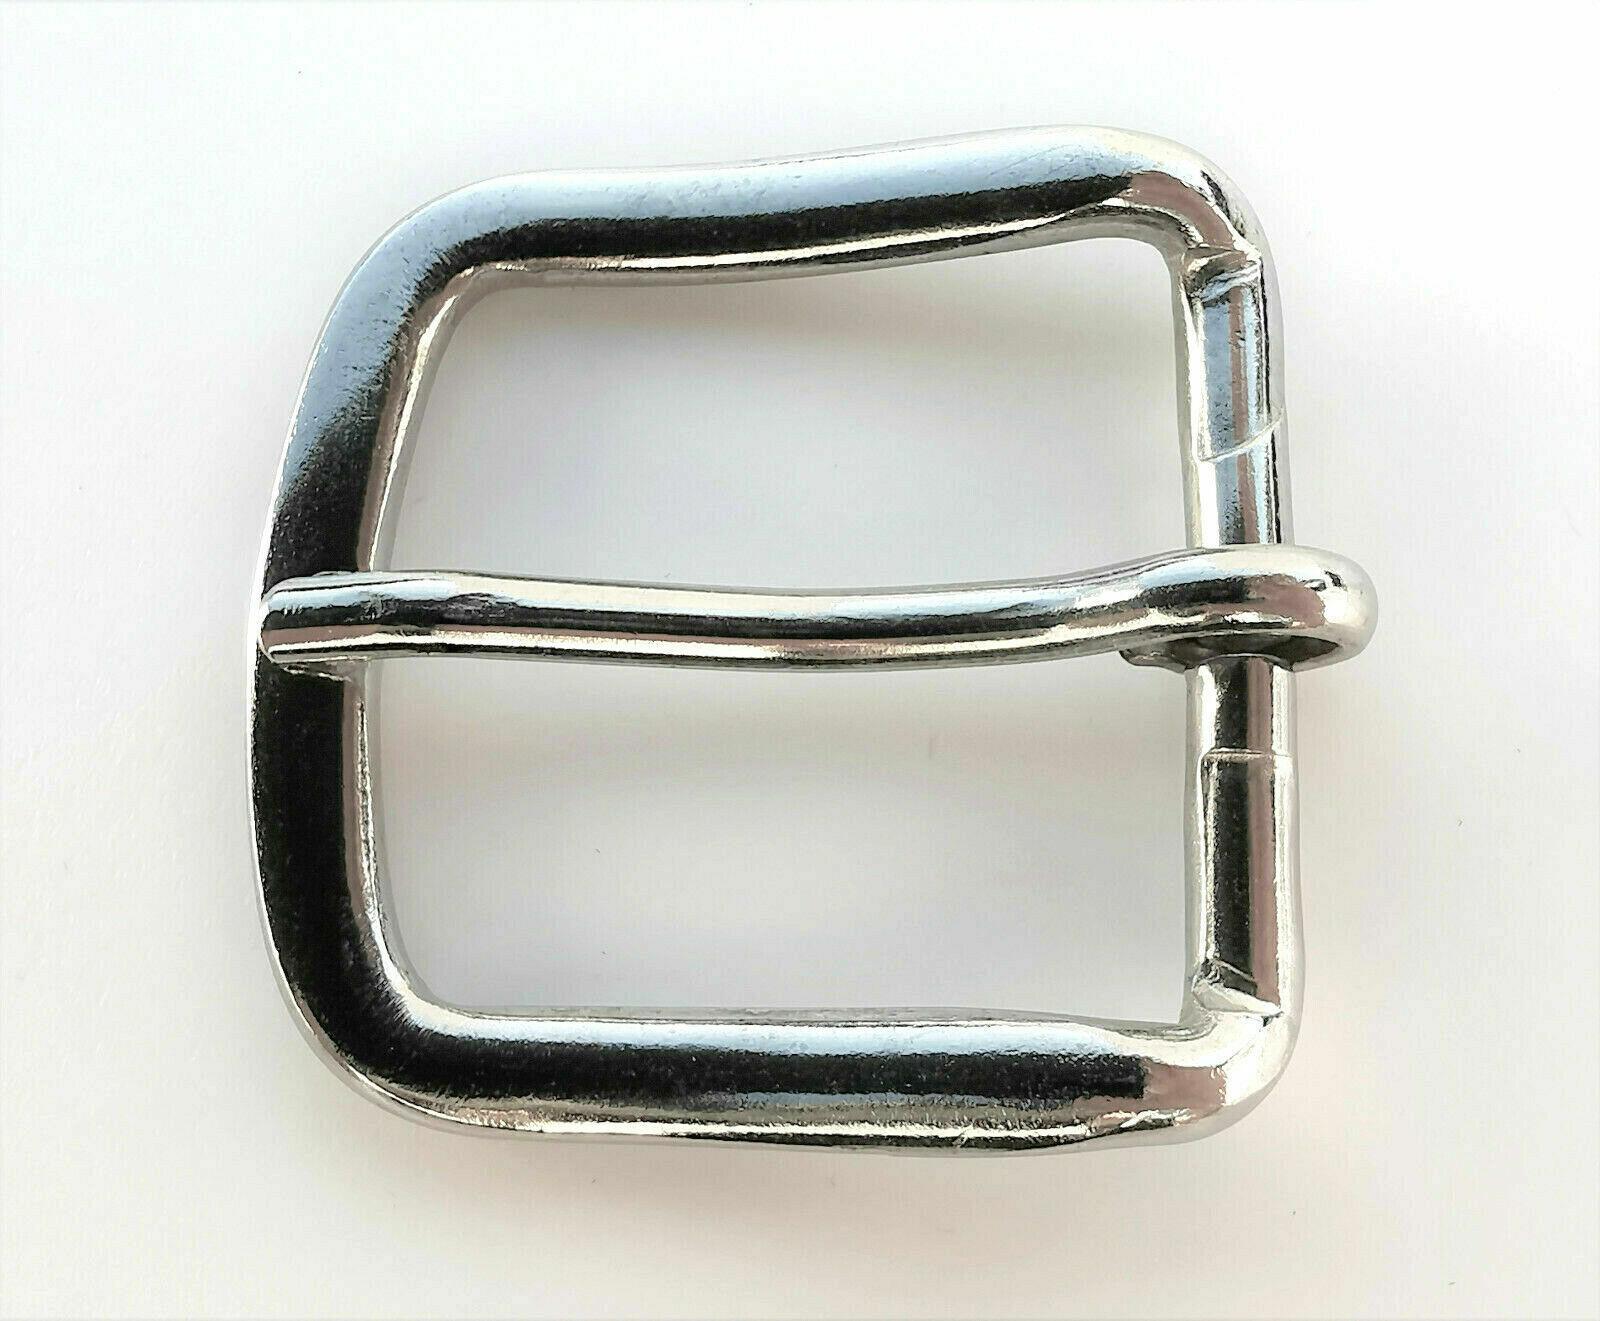 Gürtelschnalle Gürtelschliesse Schließe Wechselgürtel Druckknopfgürtel 30 mm He